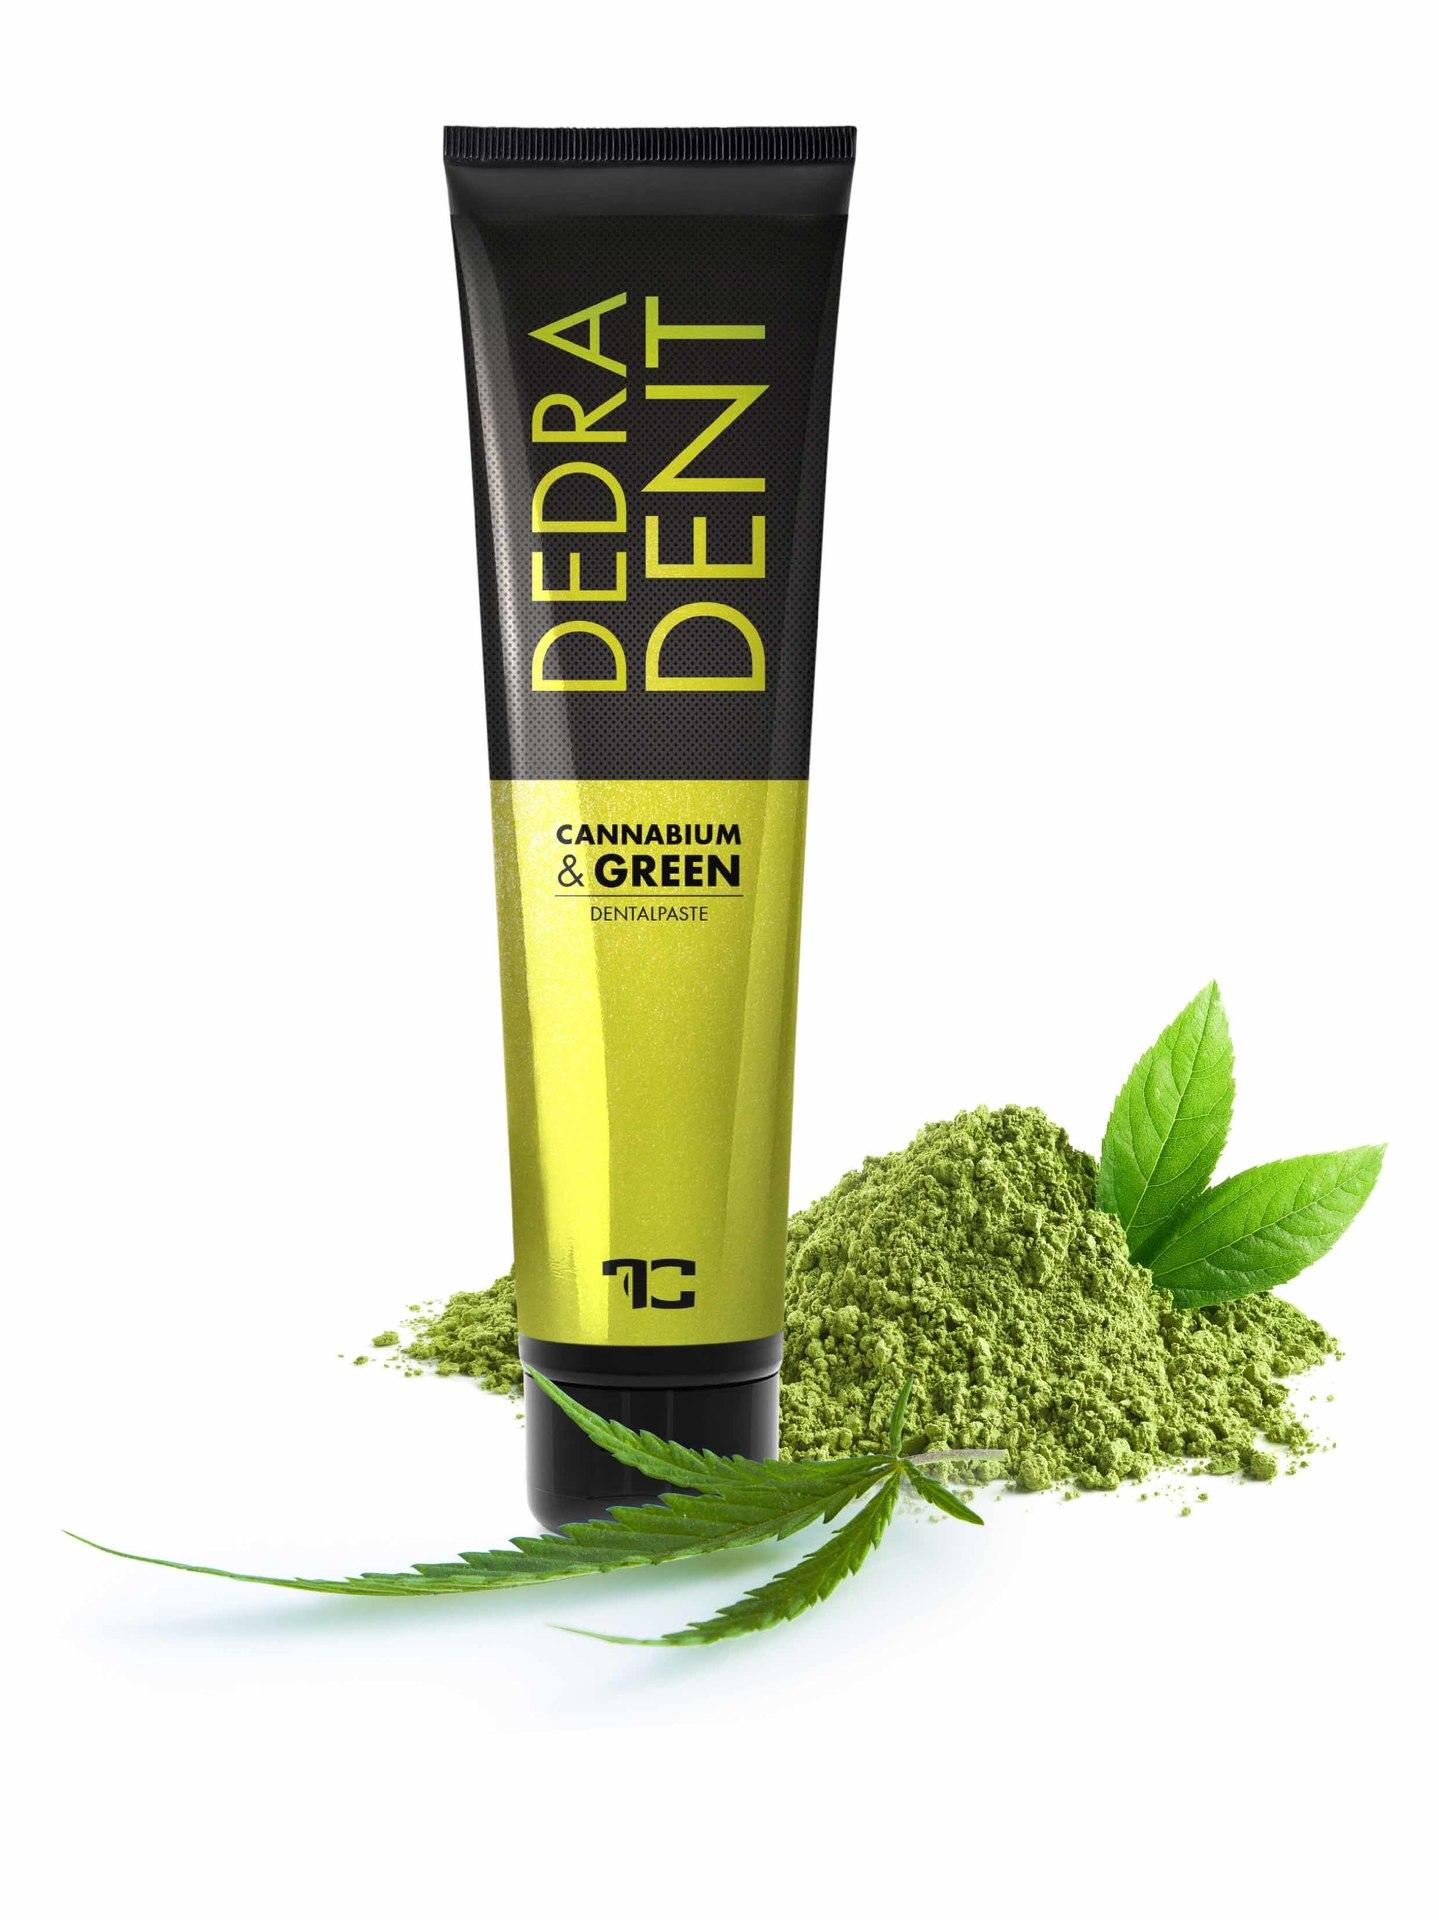 Bylinná přírodní zubní pasta CANNABIUM & GREEN s konopným olejem, zeleným ječmenem a extraktem ze zeleného čaje Matcha, DEDRA DENT